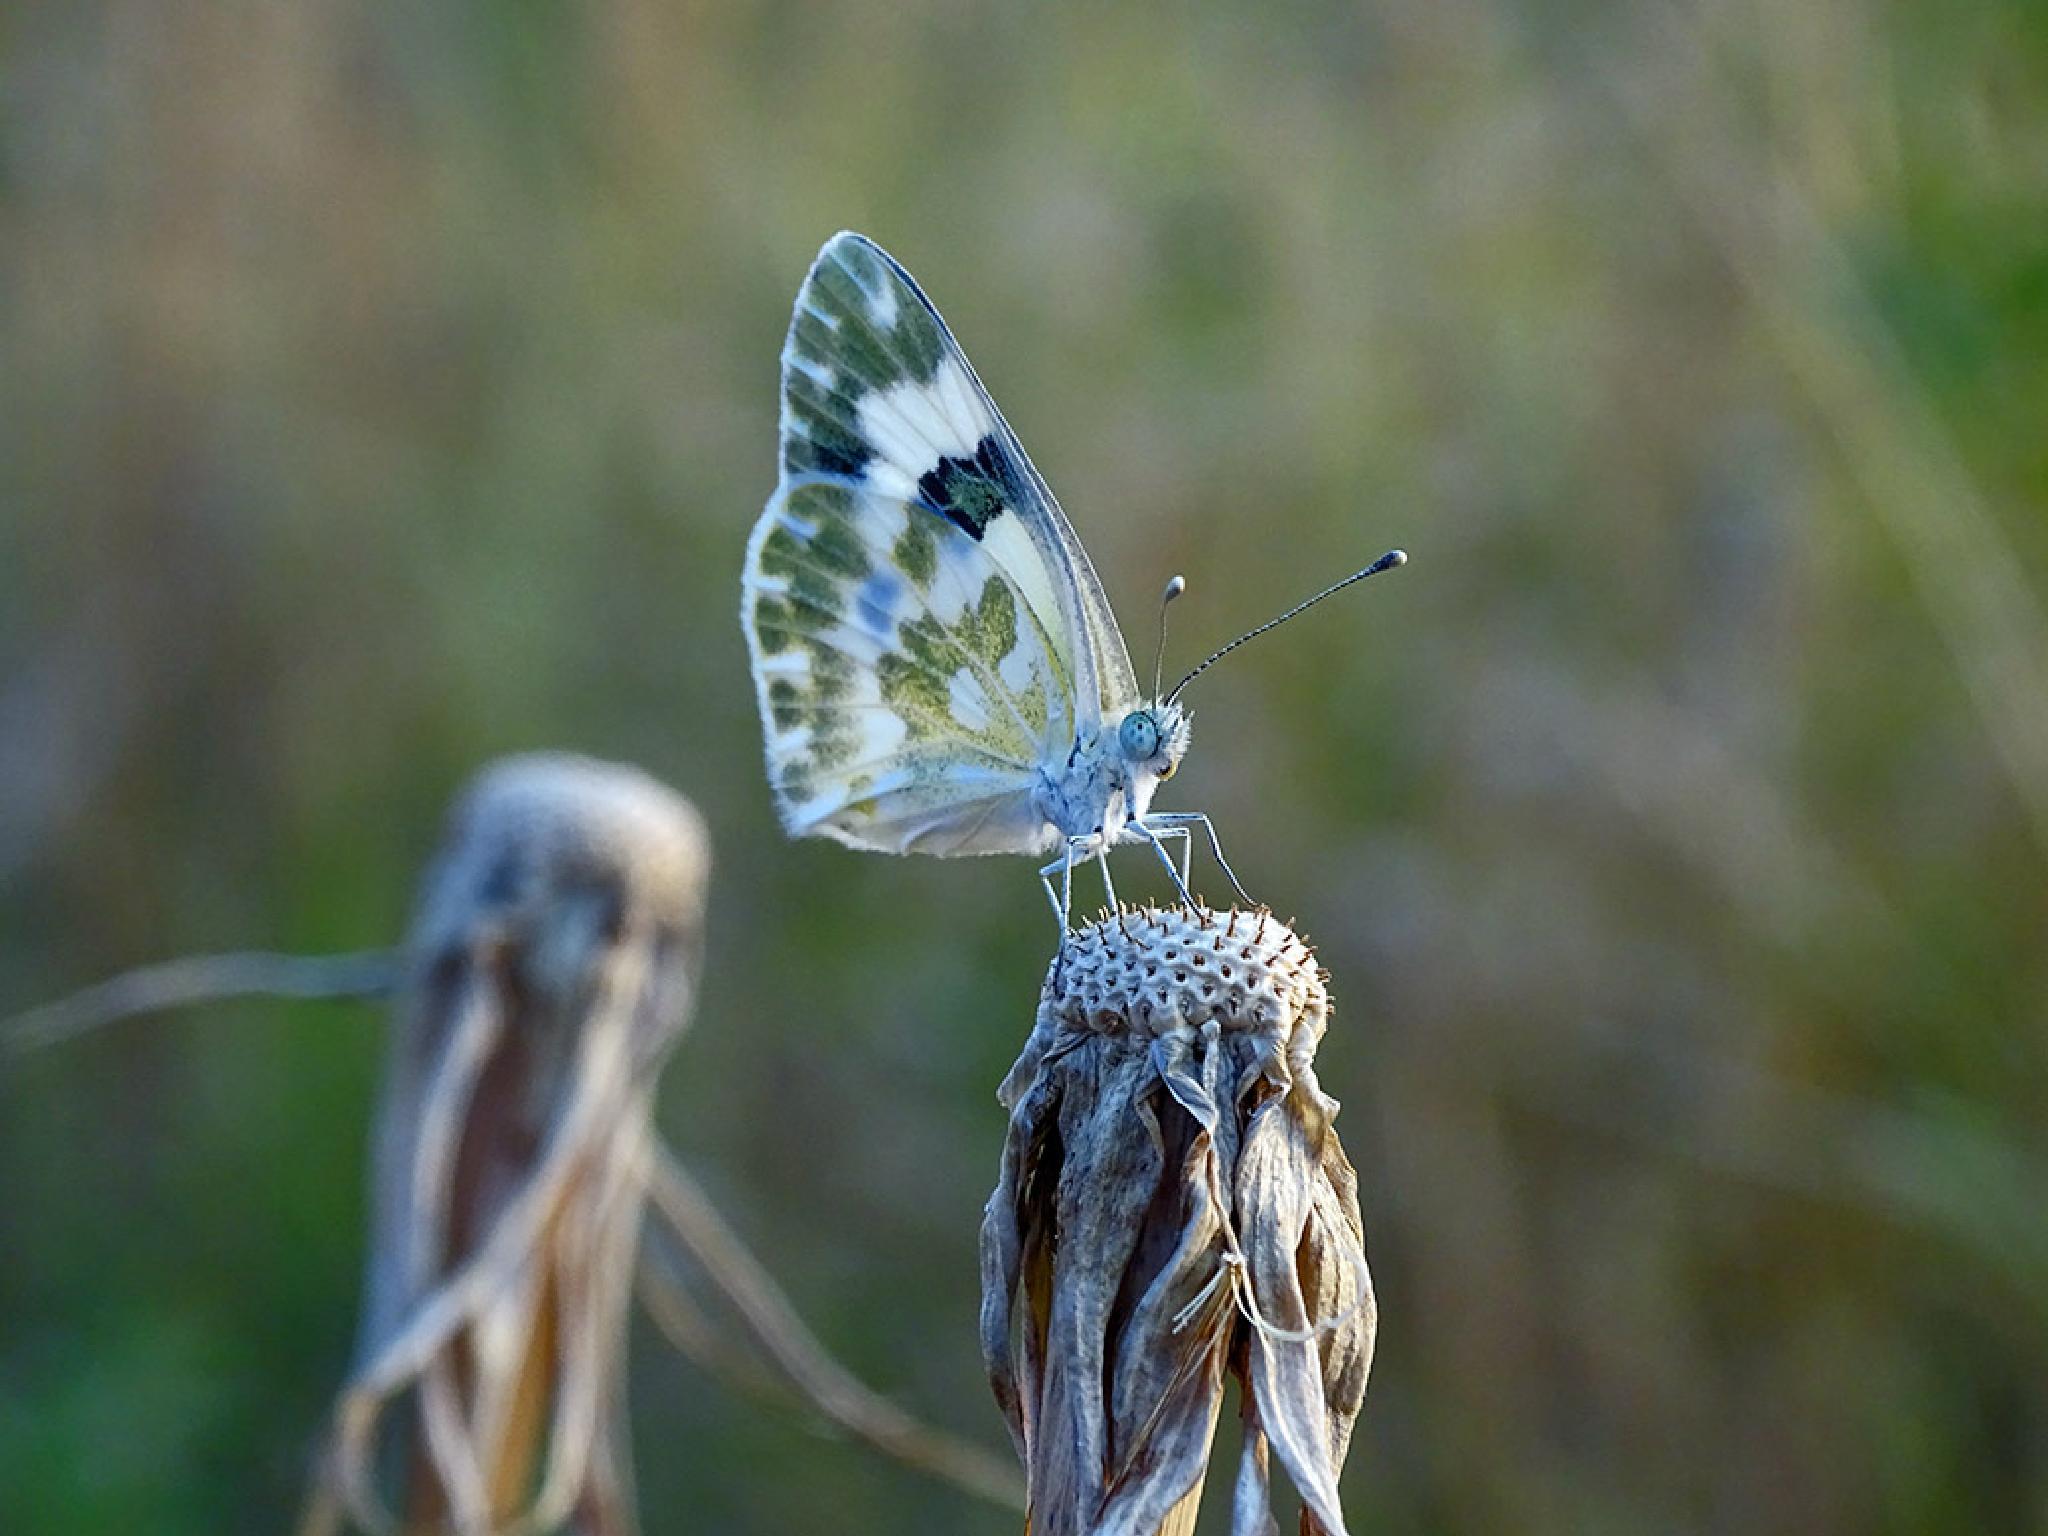 Butterfly-2 by Jamal -Kurdistan